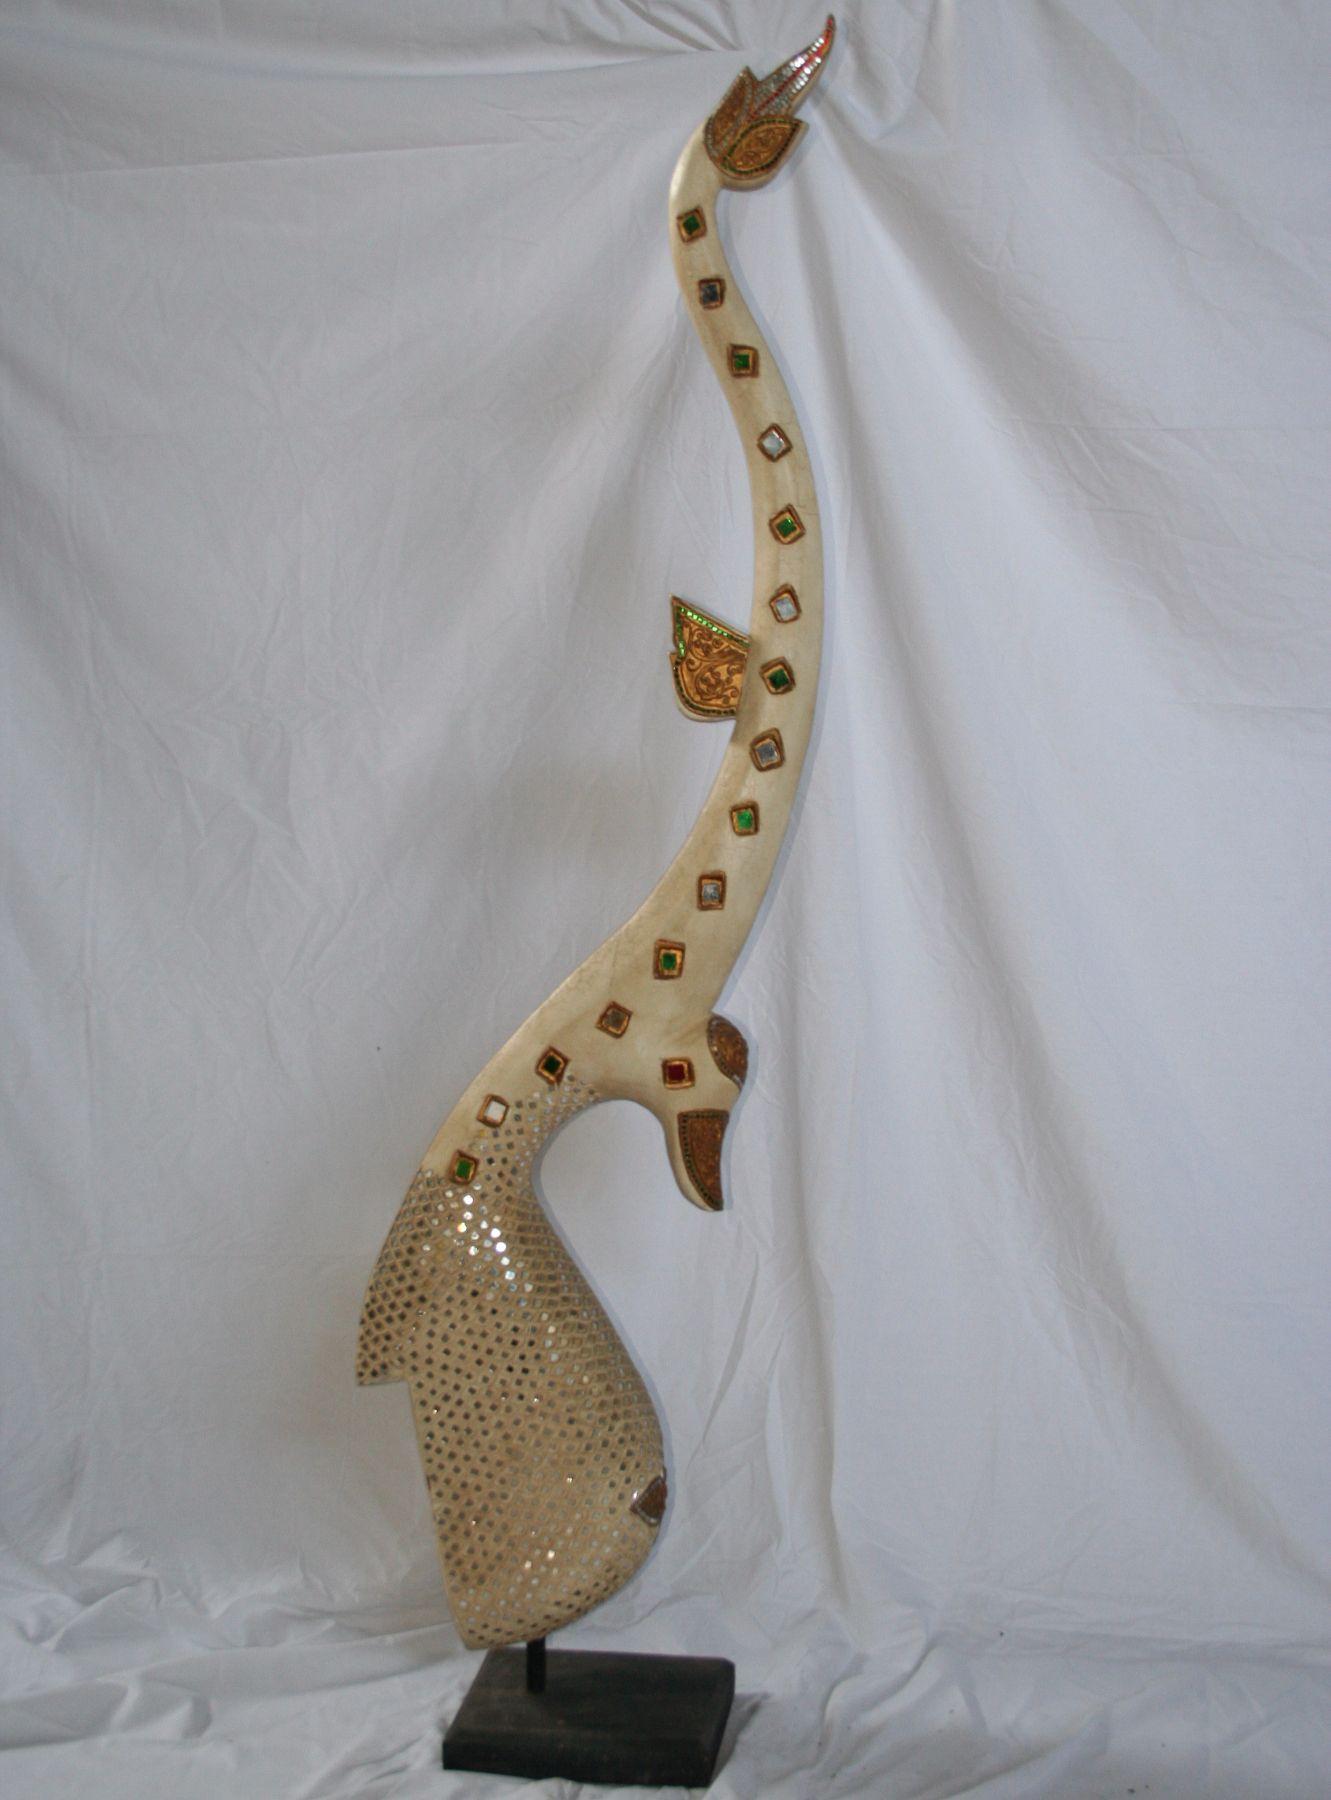 Garuda bianco intagliato in legno thailandese intagliato